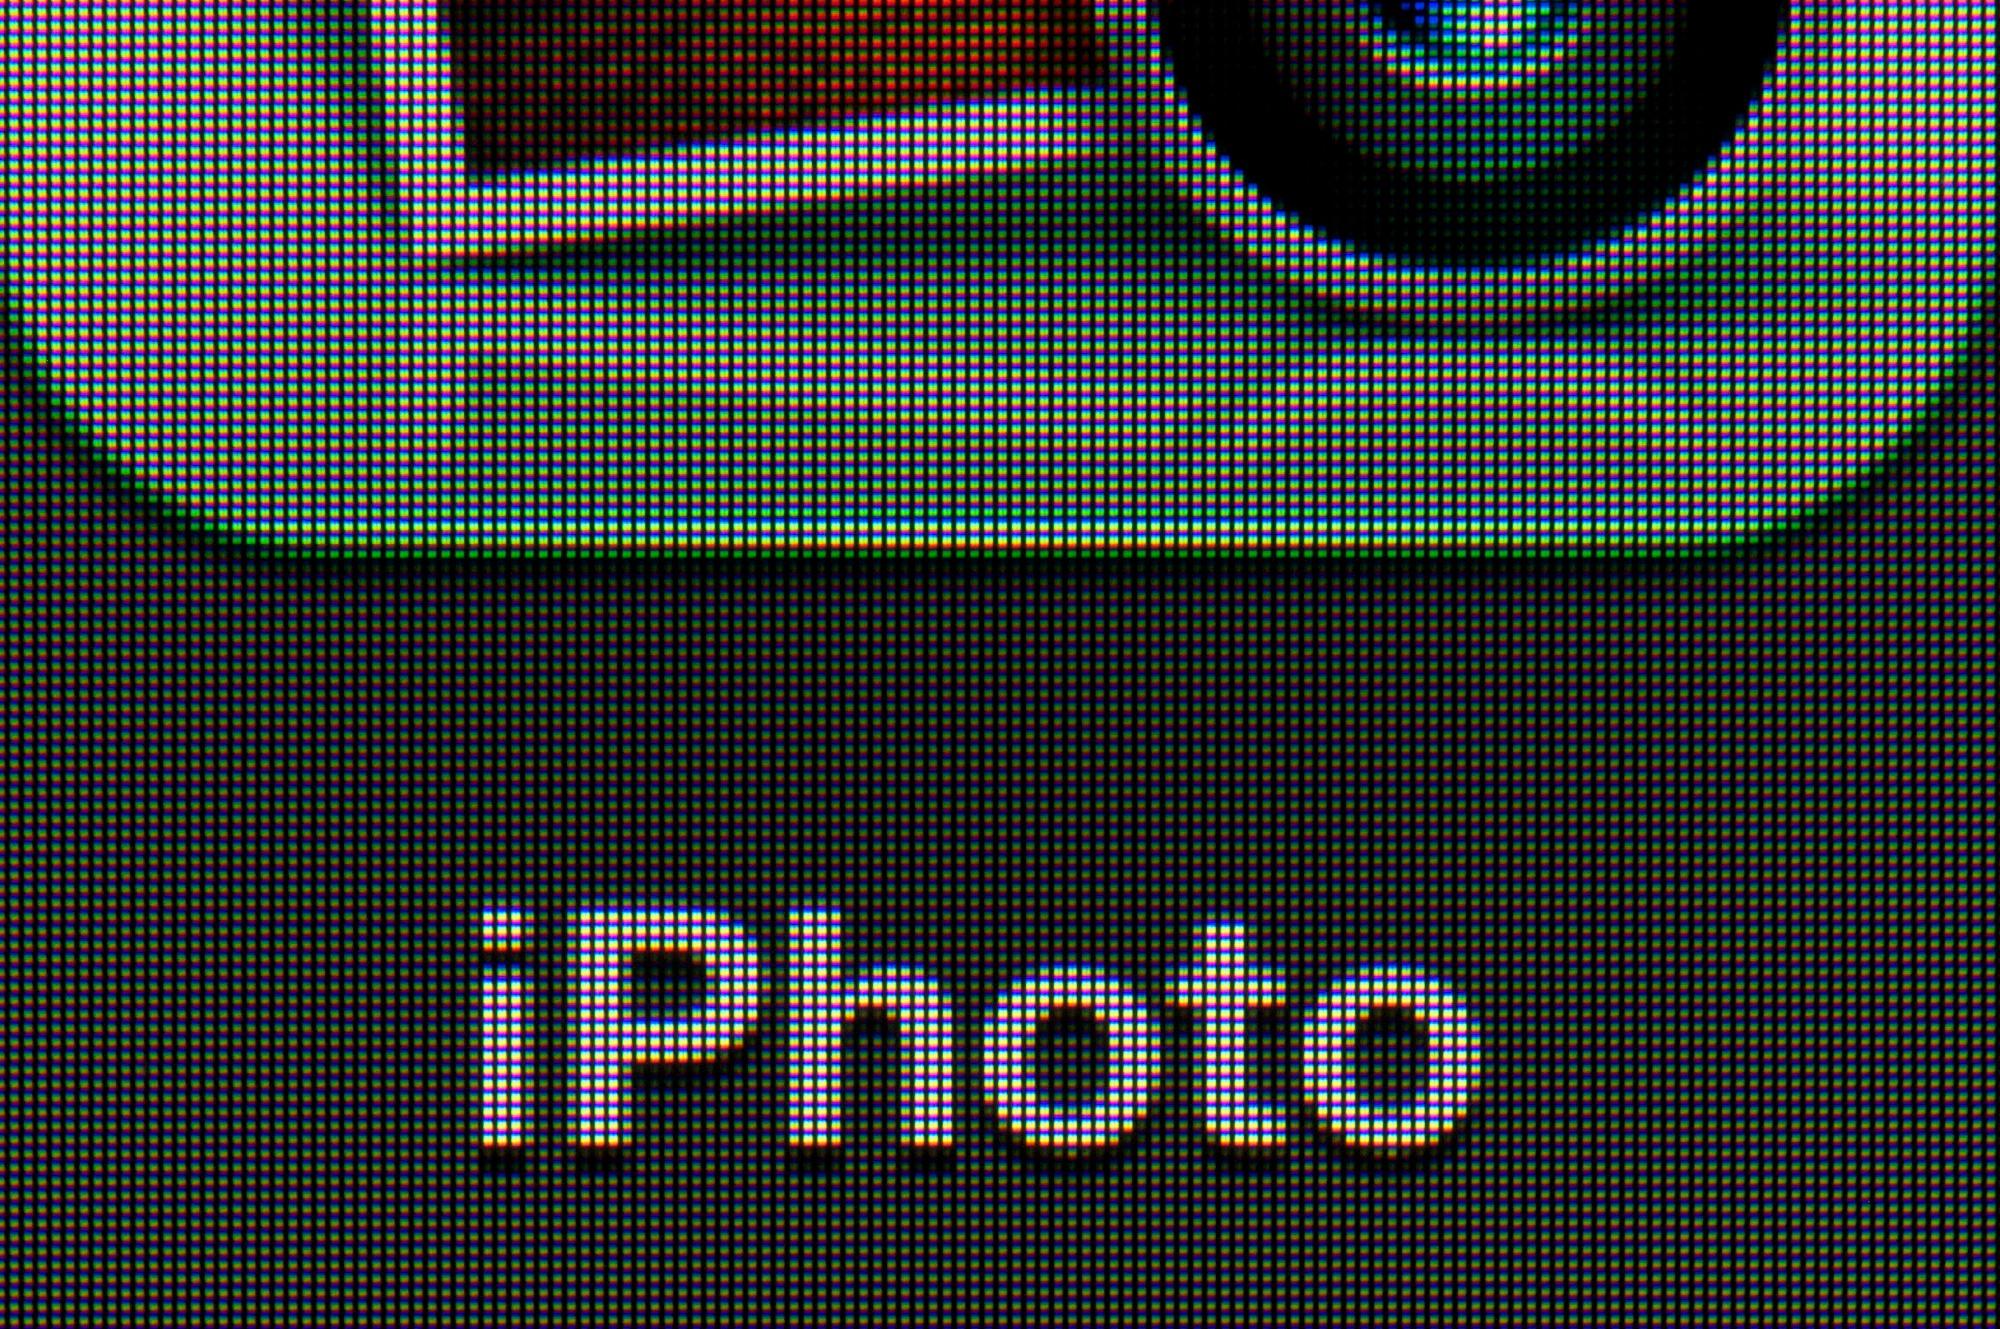 iPad 3 im Test: Gut für Einsteiger, nichts für iPad-2-Besitzer - Bildausschnitt derselben Aufnahme beim iPad 3...